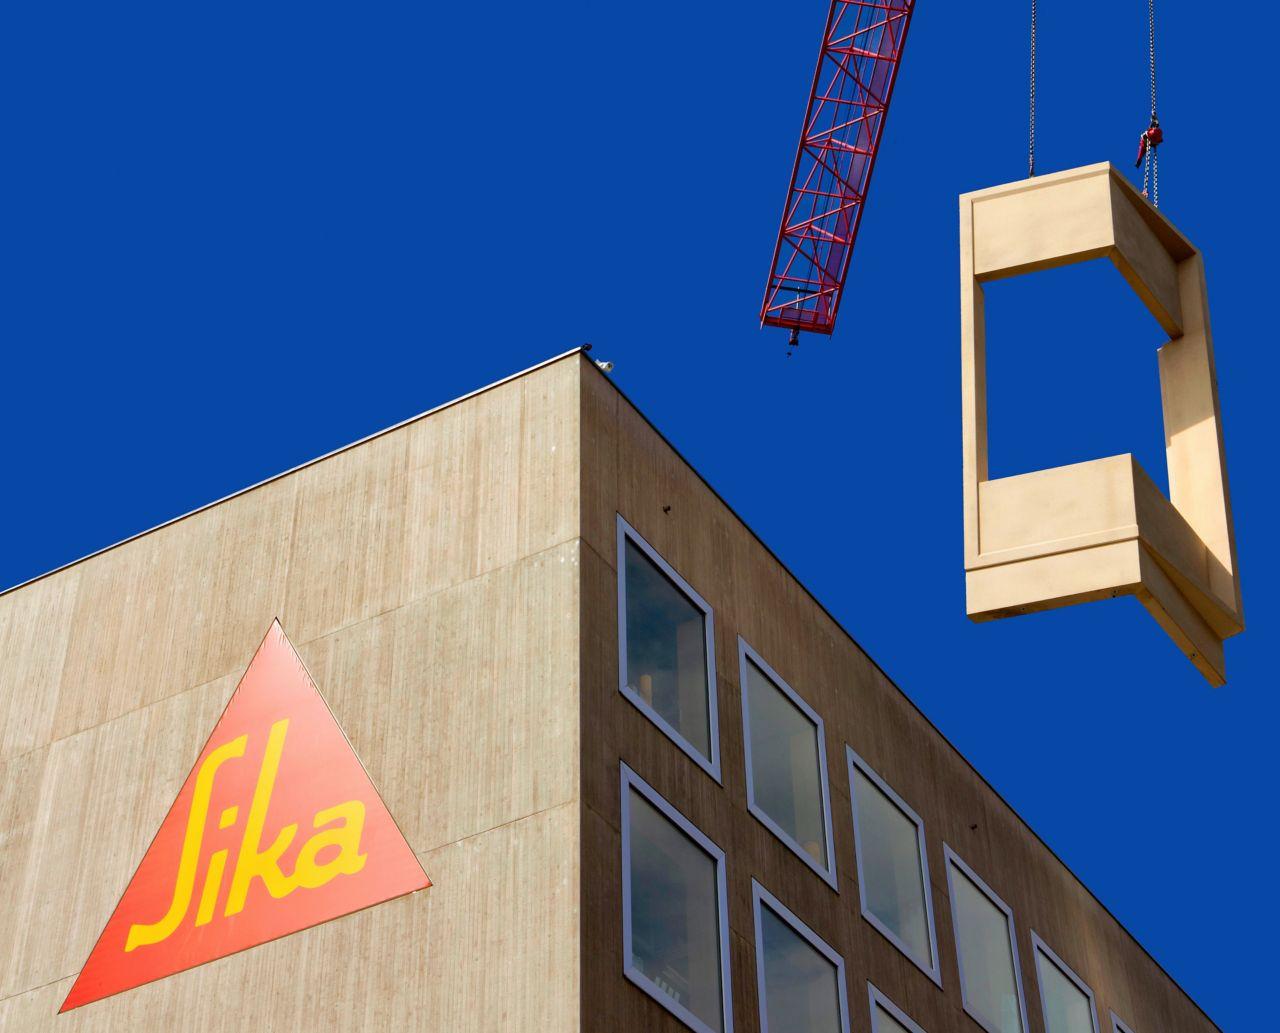 Oficina Sika Zurich